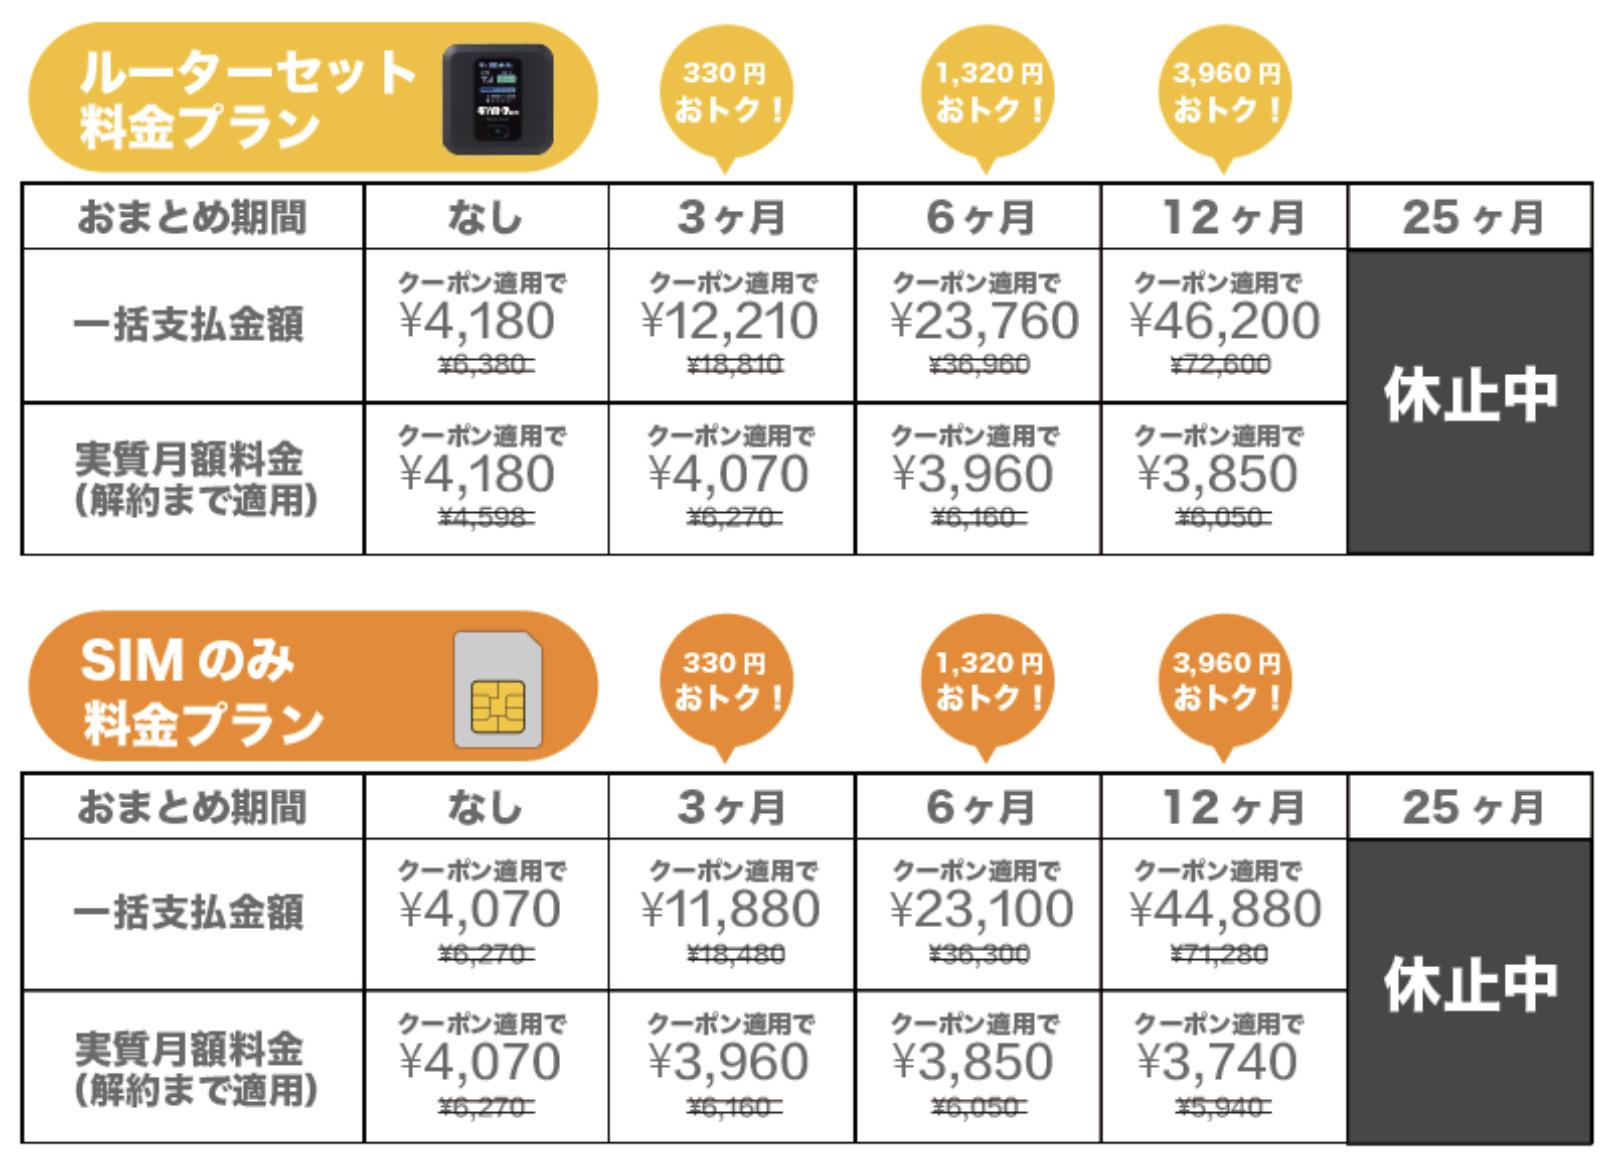 ギガトラWi-Fiの料金表画像